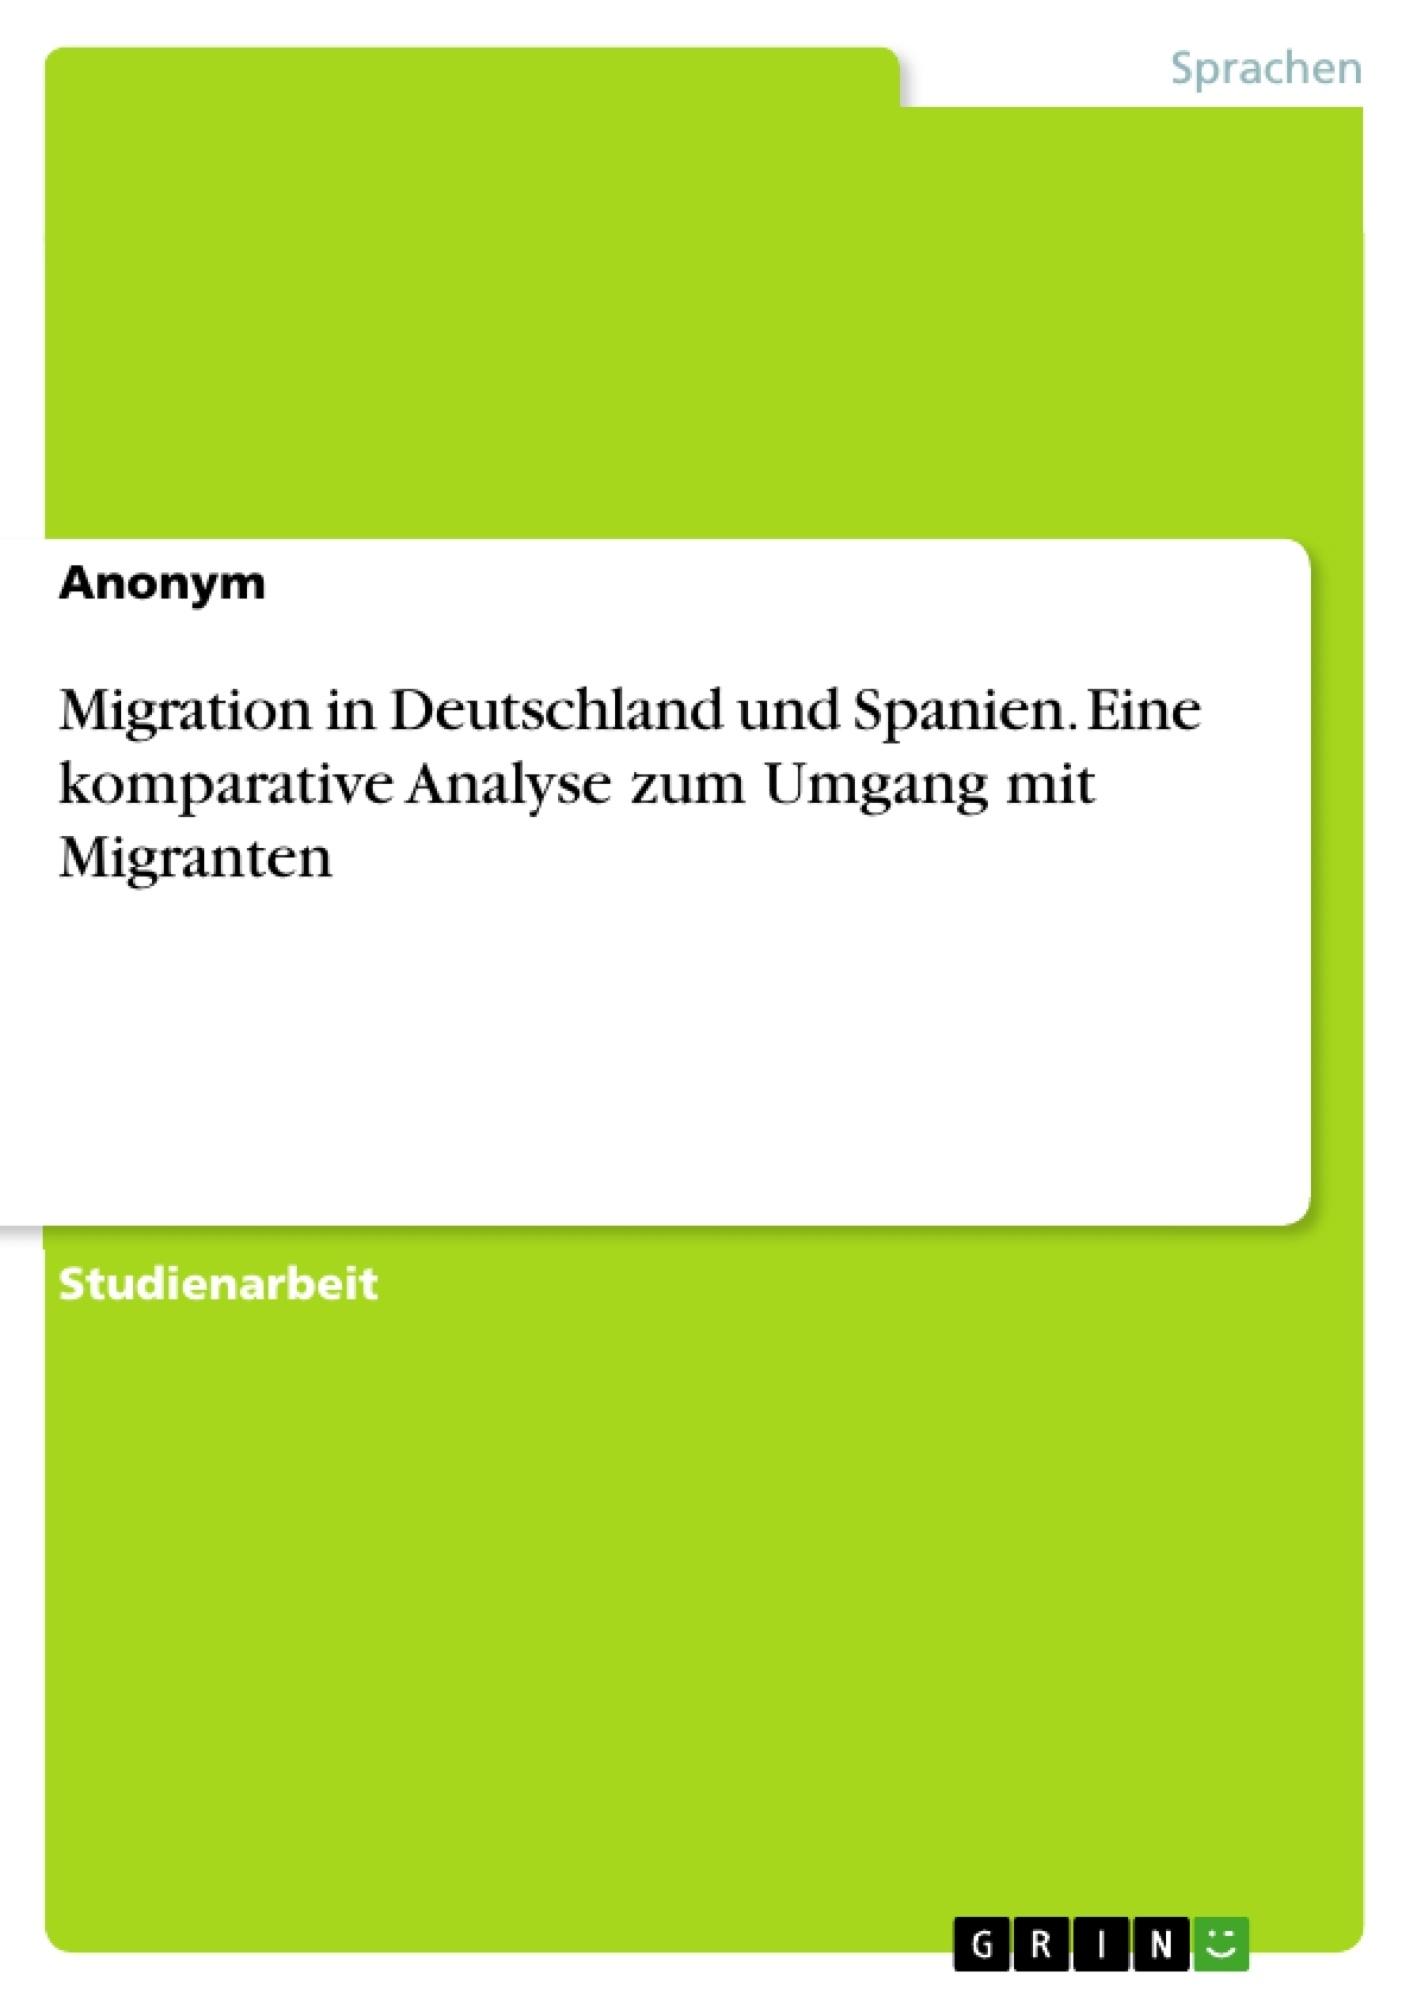 Titel: Migration in Deutschland und Spanien. Eine komparative Analyse zum Umgang mit Migranten